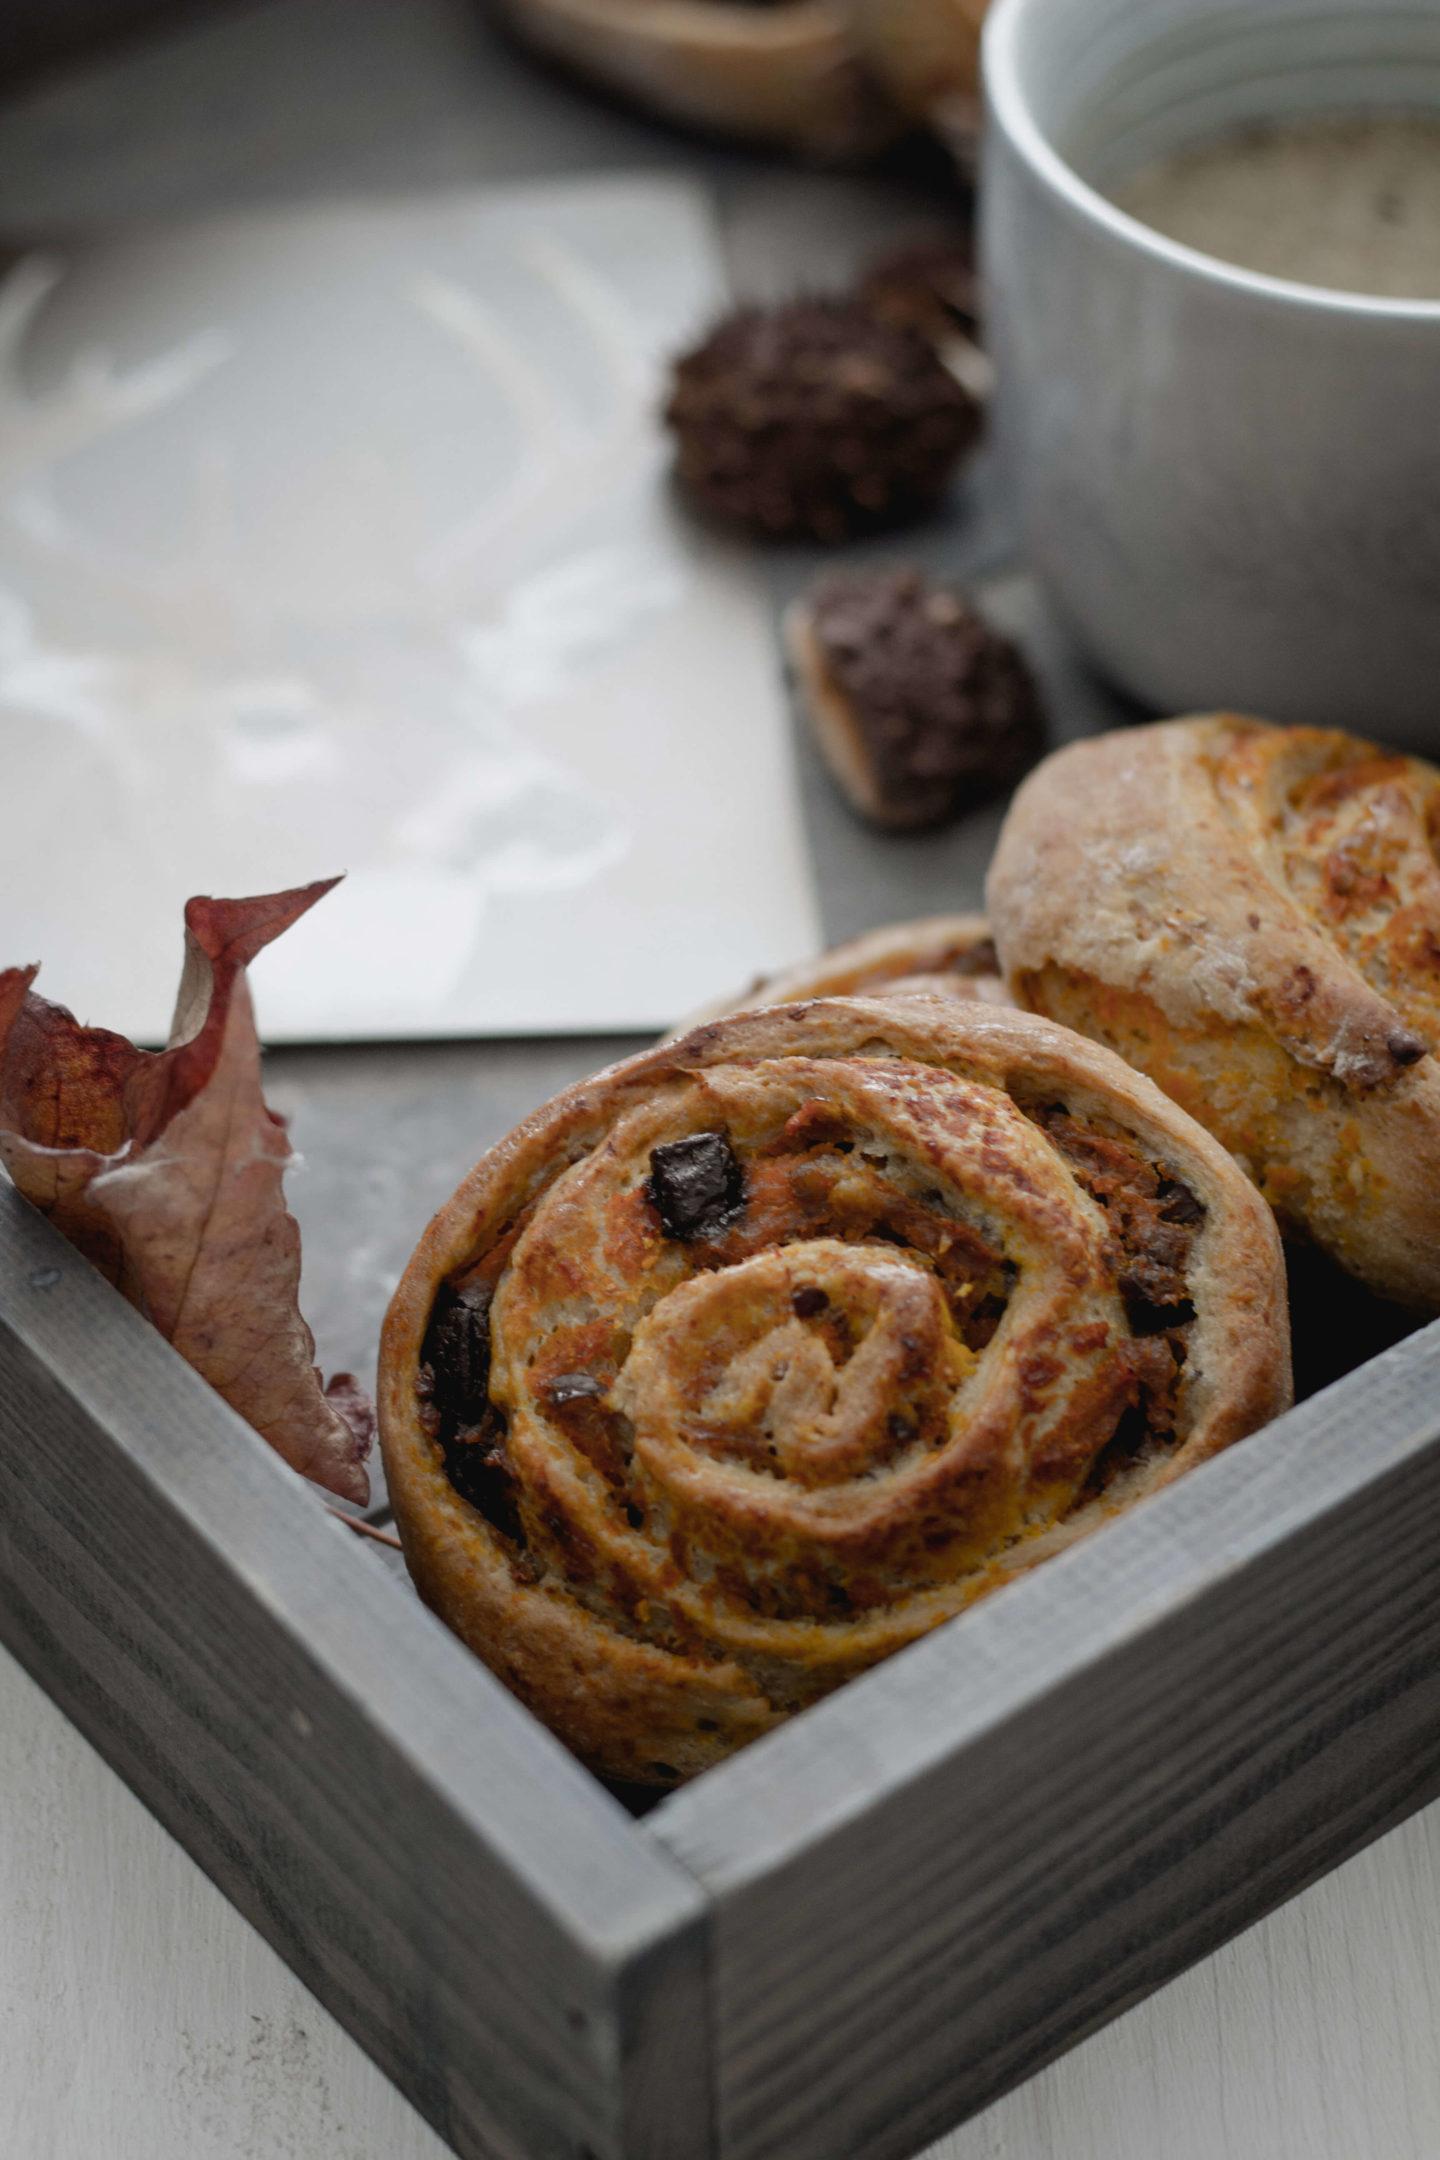 Vegane Kürbis-Maroni Schnecken mit Schokolade!